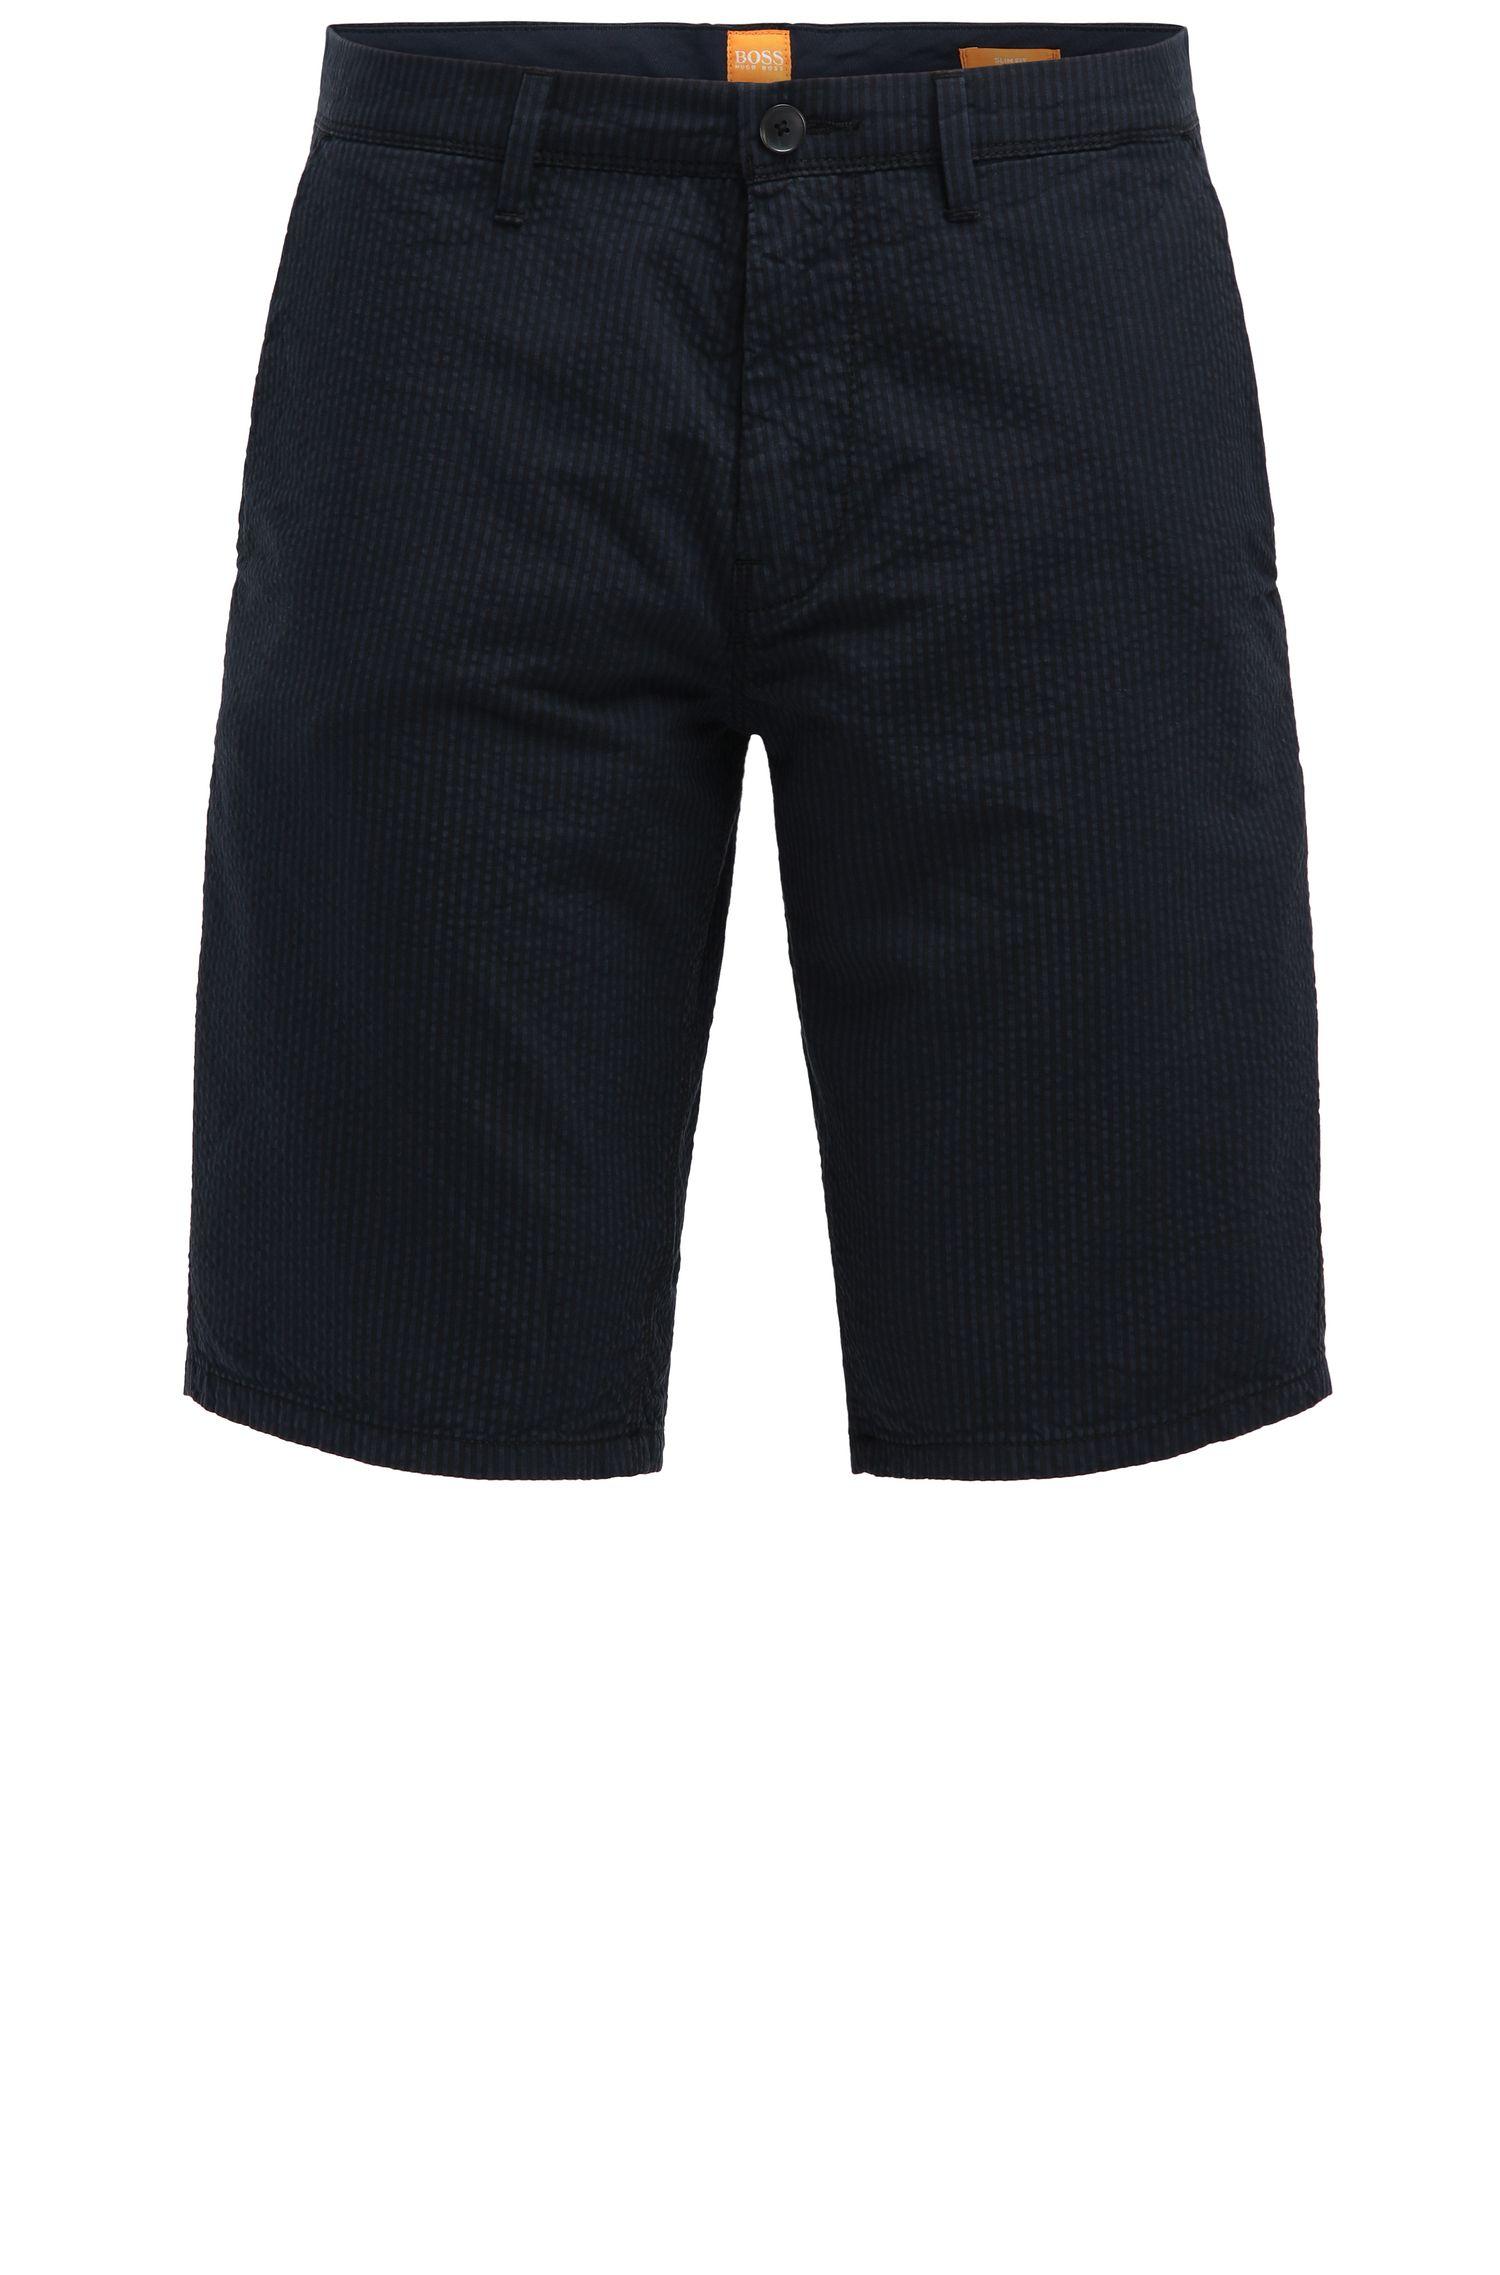 Shorts de algodón slim fit con estampado a rayas: 'Slender-Shorts-W'